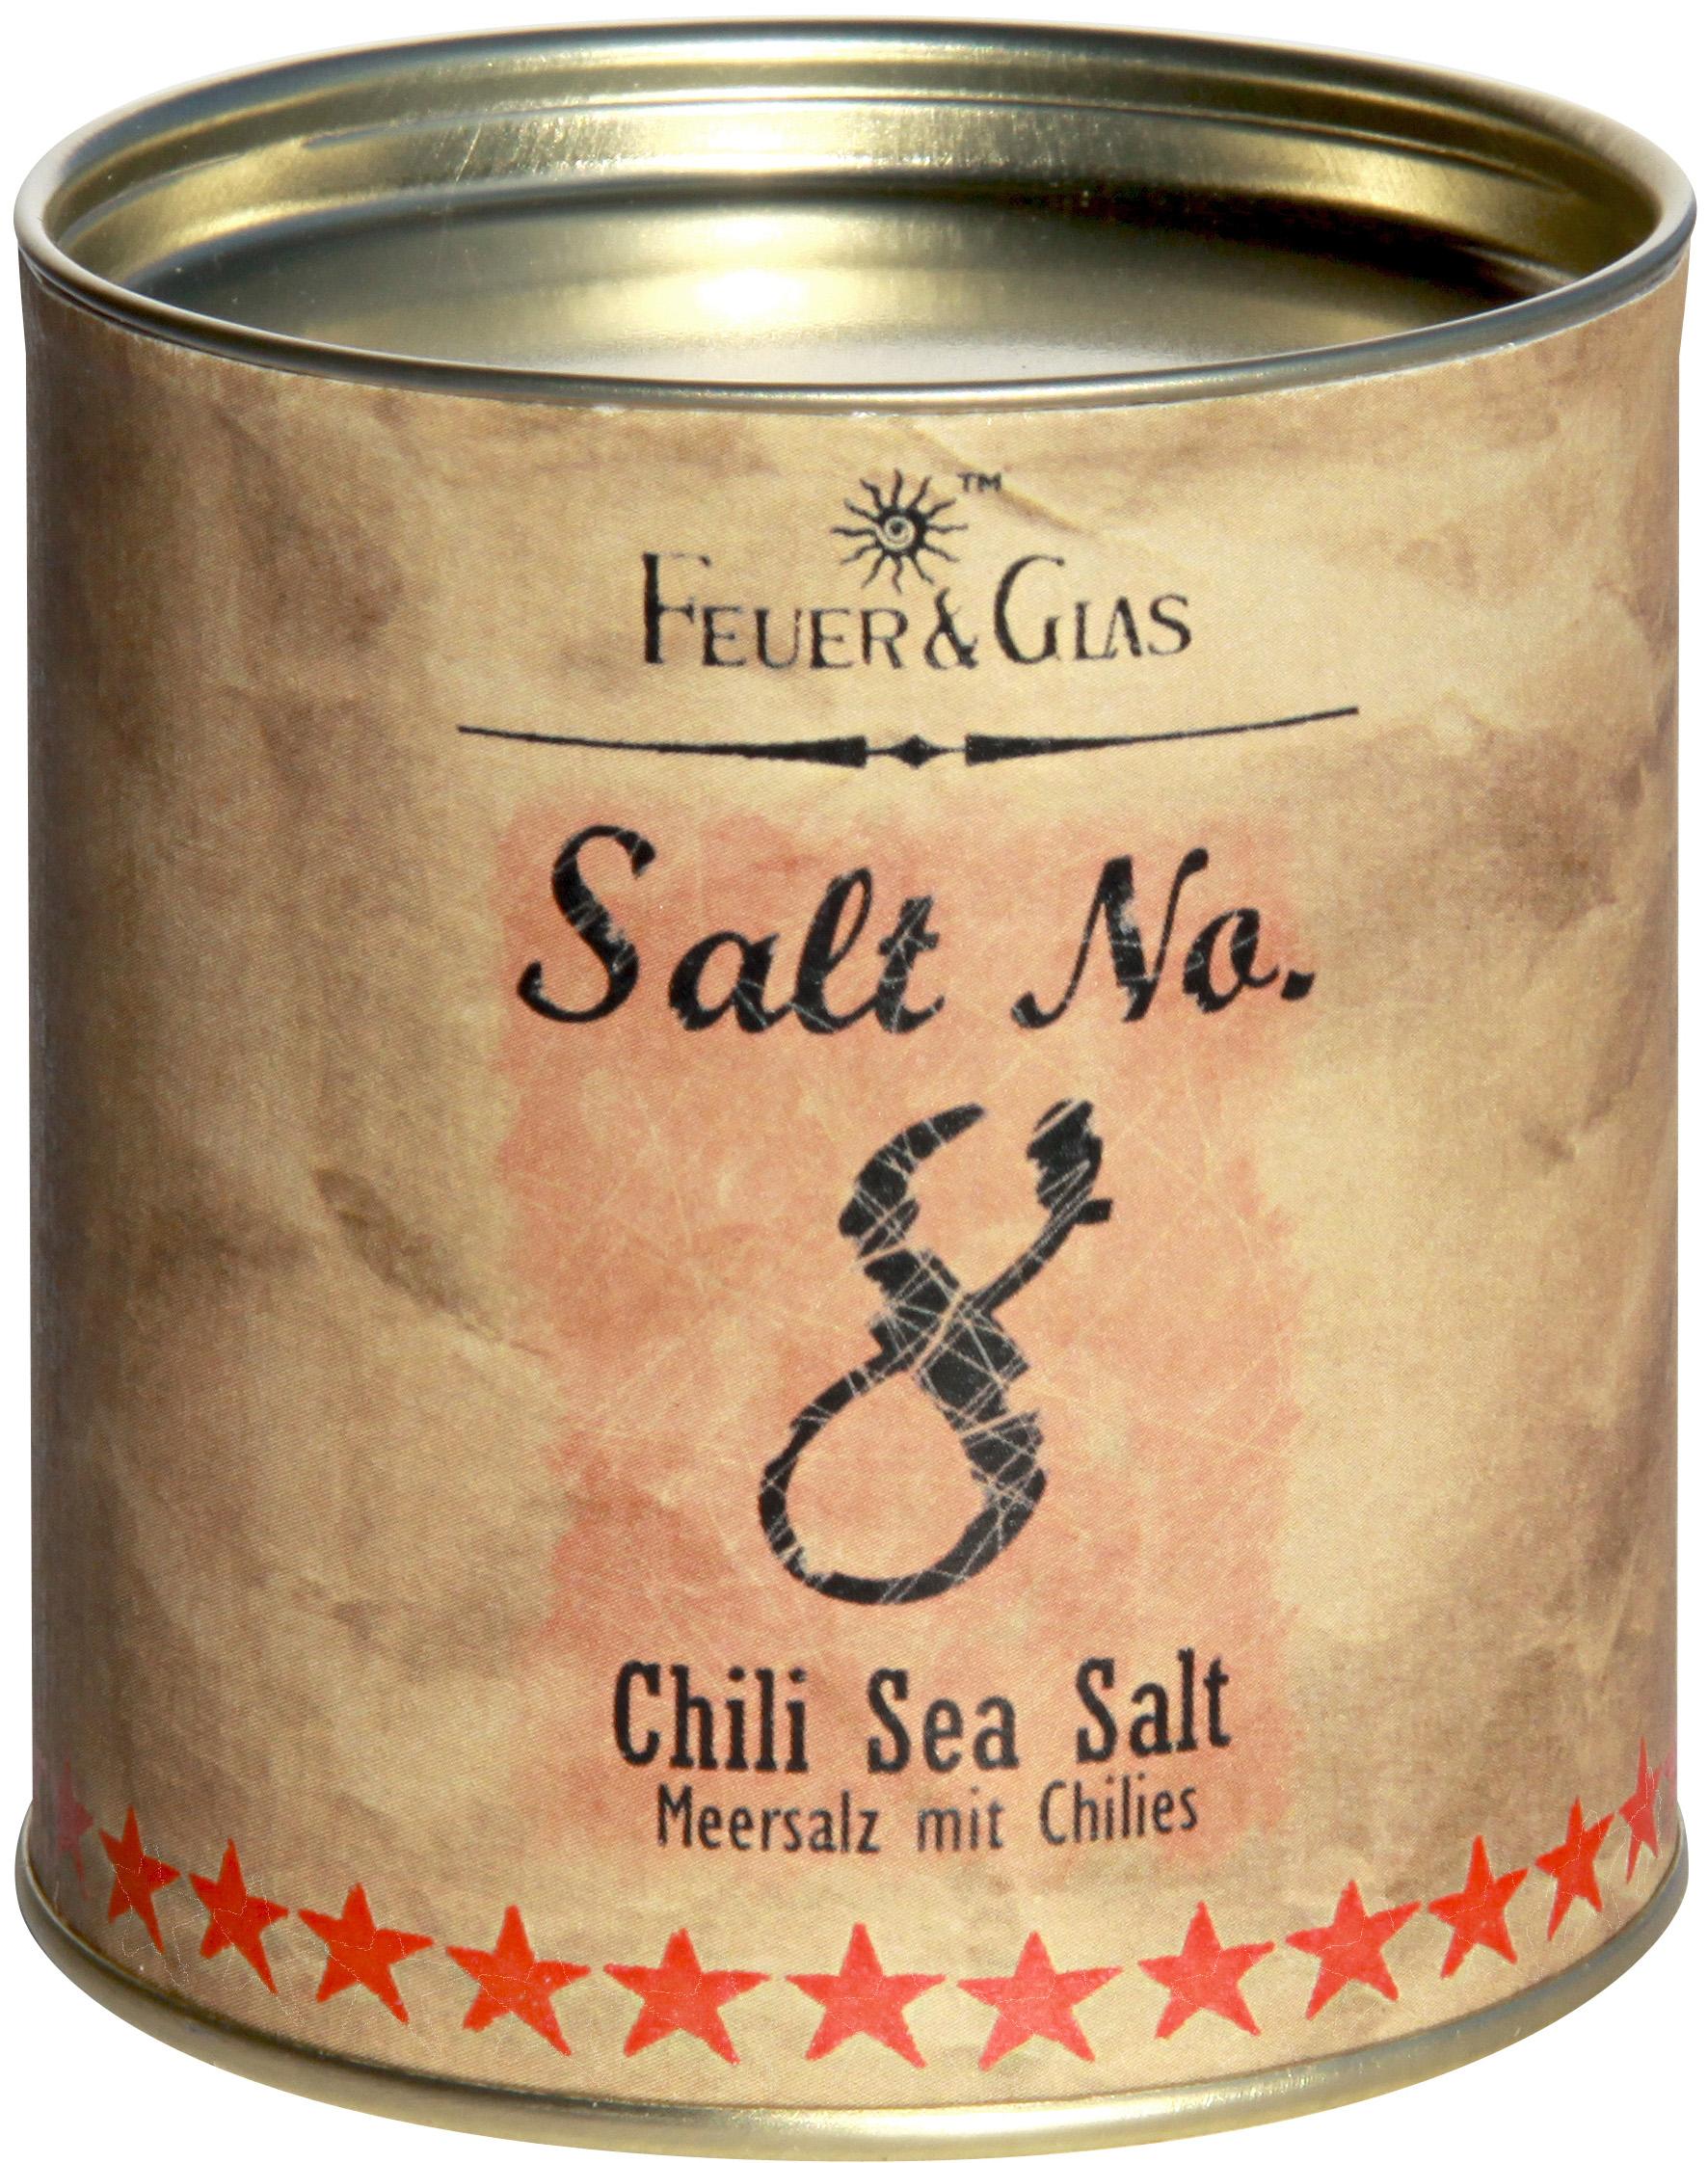 Salt No.8 - Chili Sea Salt